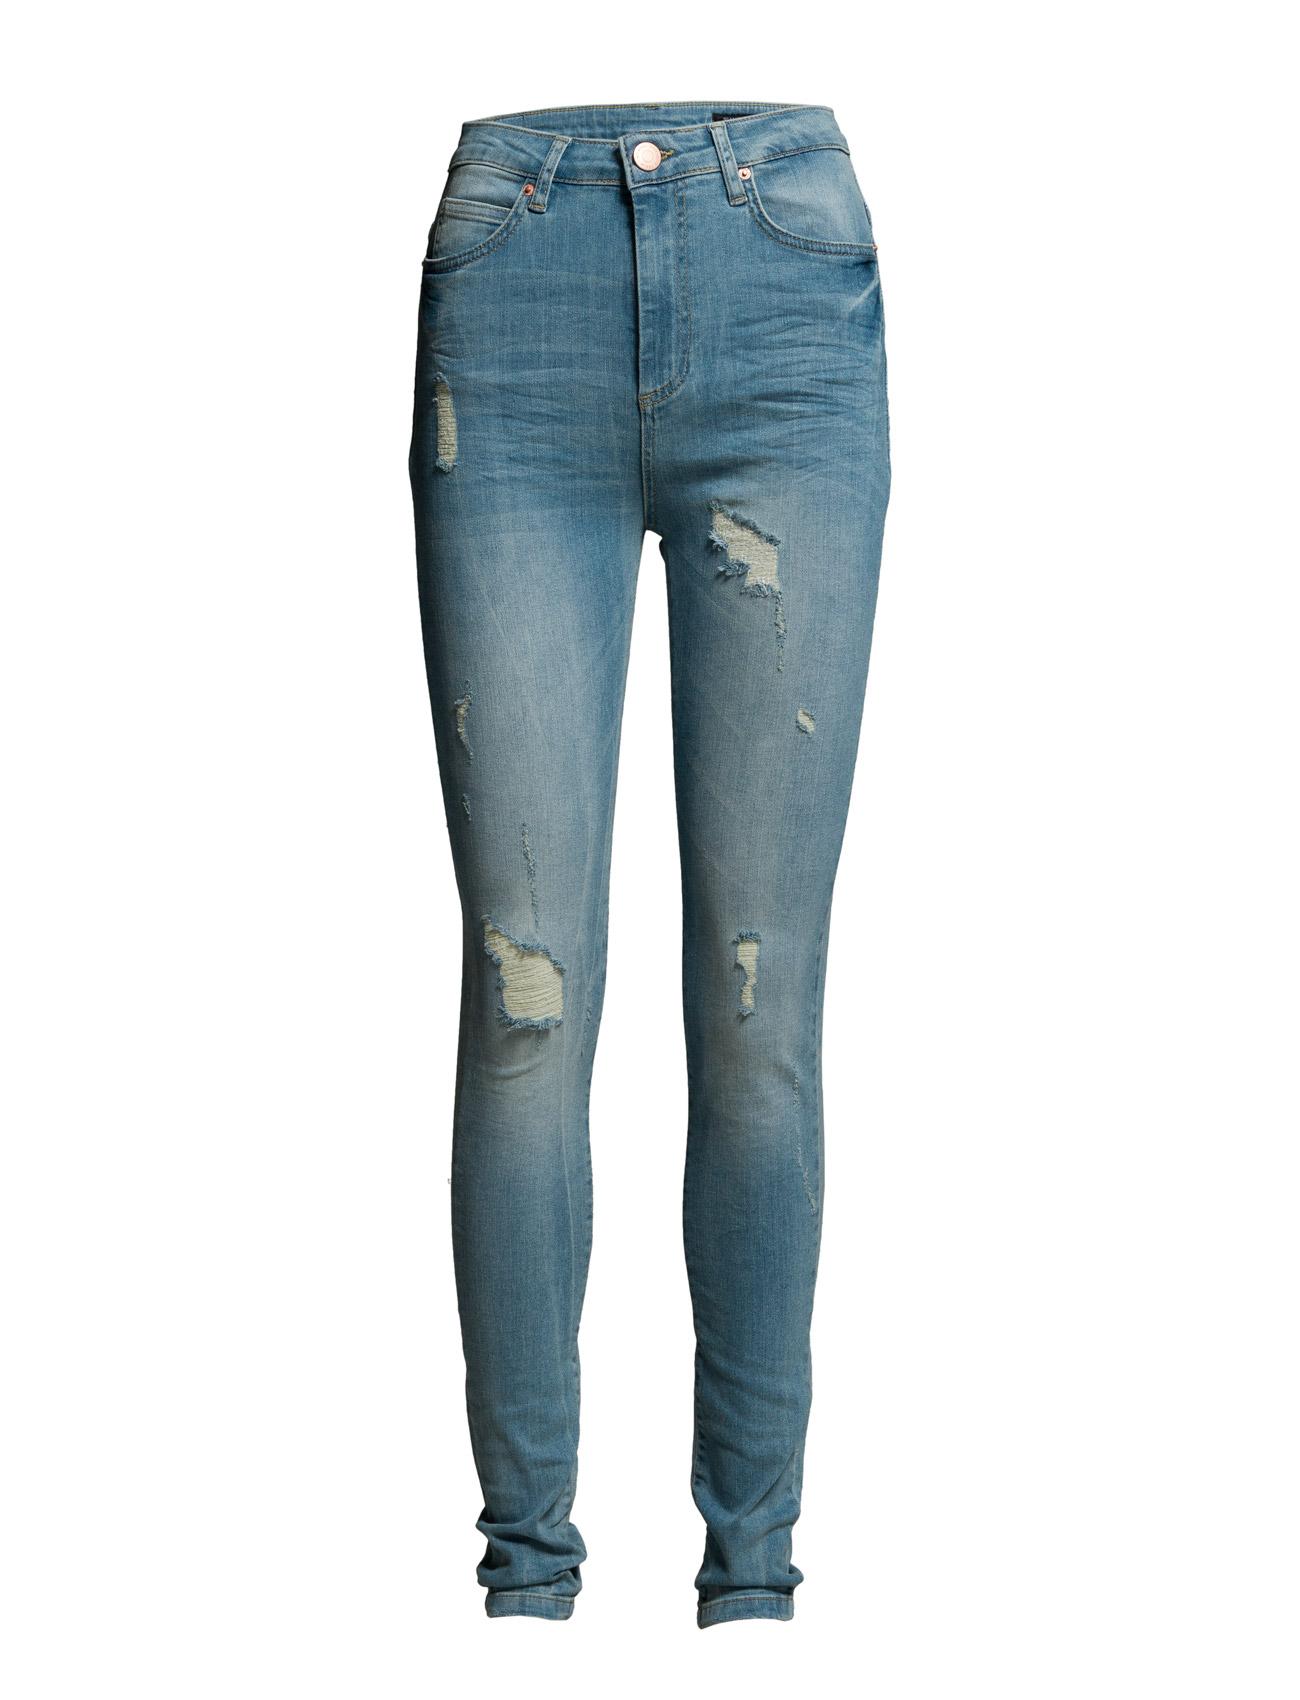 Scarlett 475 Blue Belize, Jeans FIVEUNITS Skinny til Kvinder i